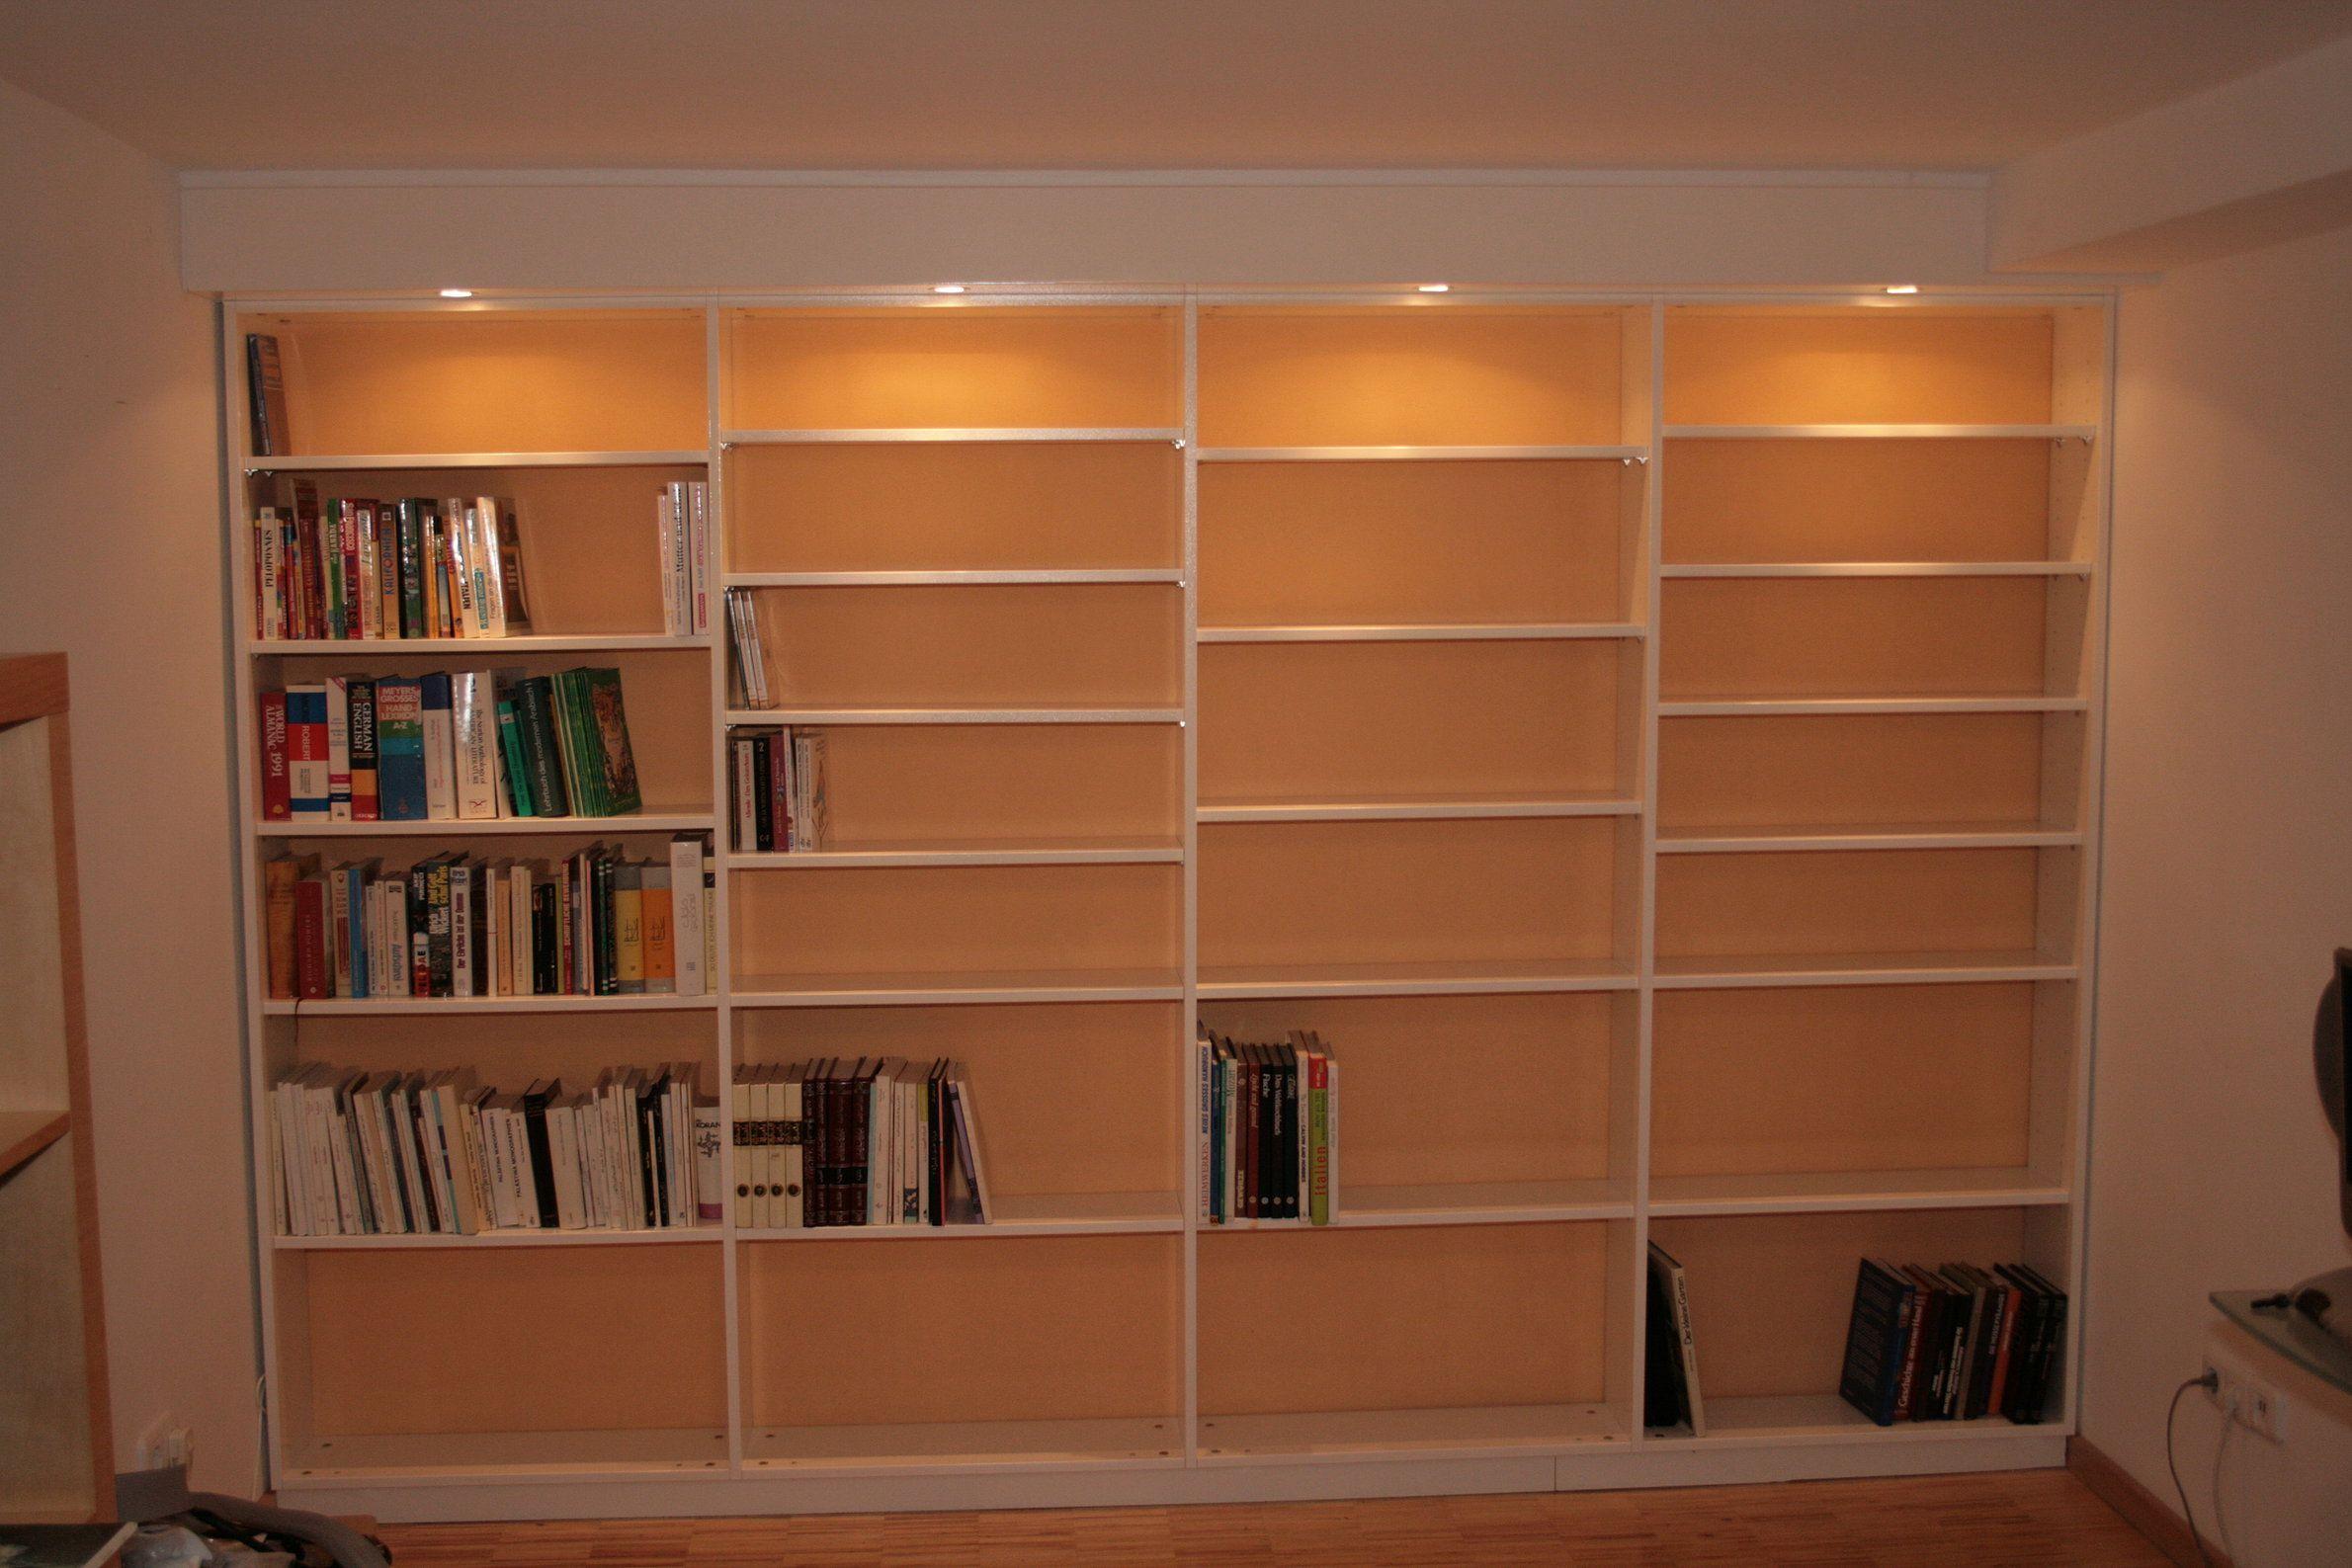 Faszinierend Bücherregal Buche Beste Wahl Schön Bücherregal Massiv Geölt